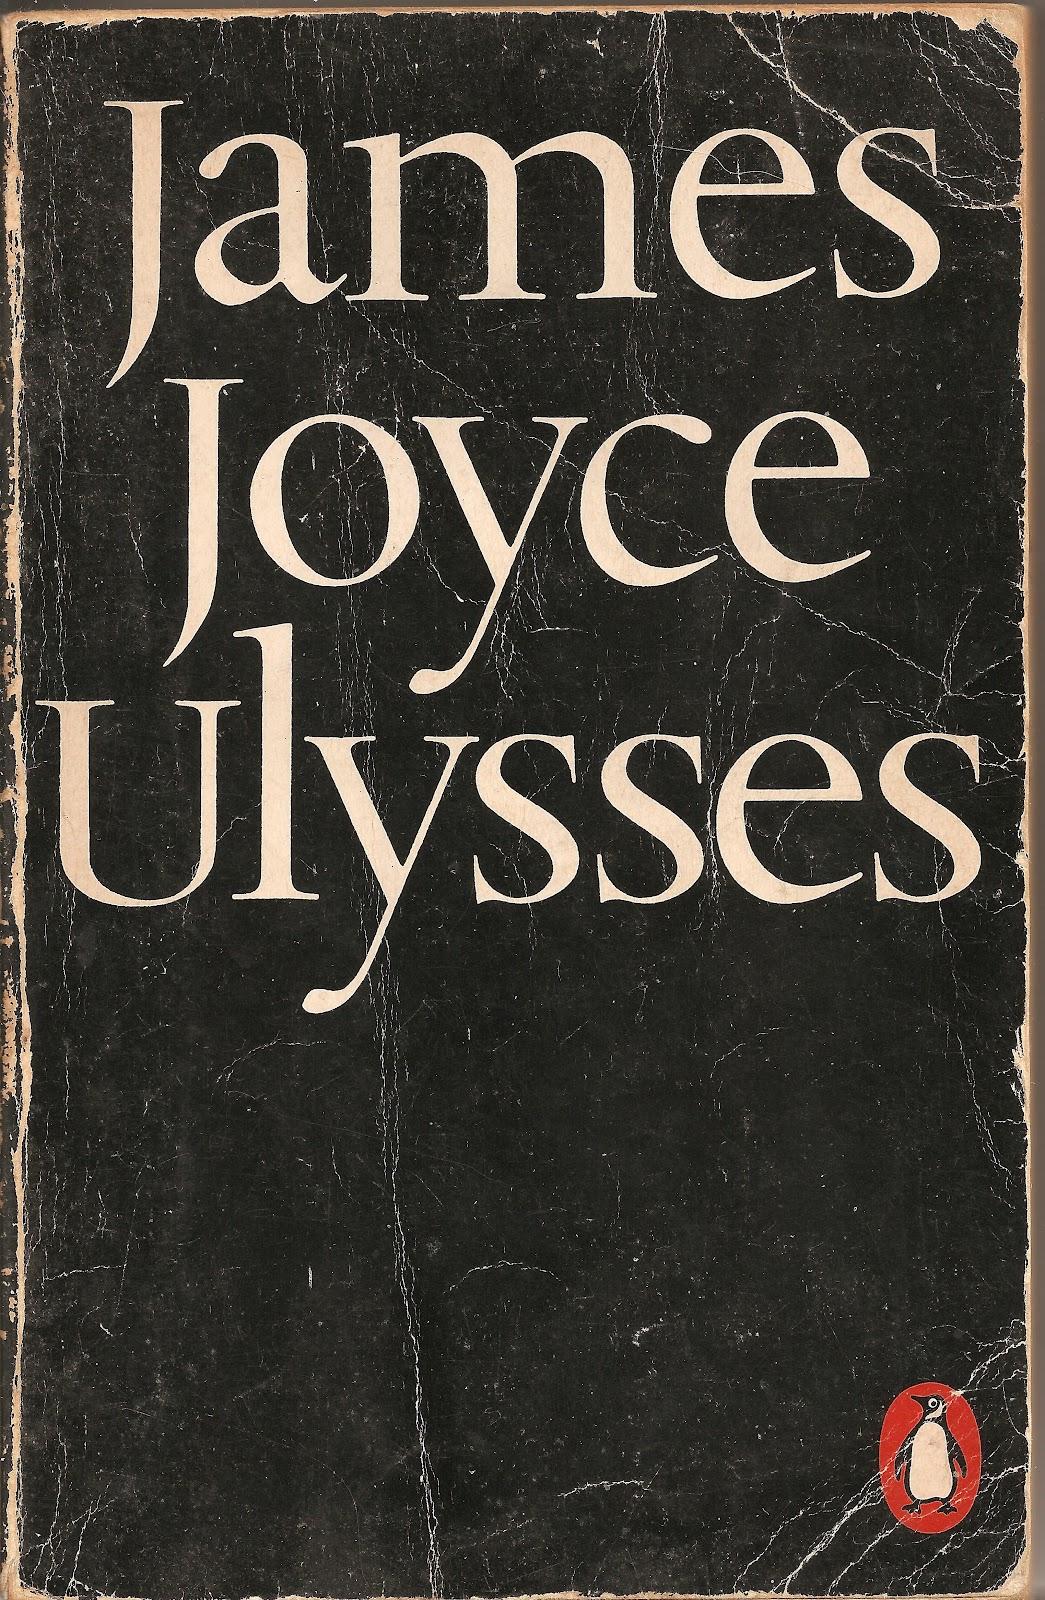 Джеймс Джойс  Улисс James Joyce  Ulysses  текст